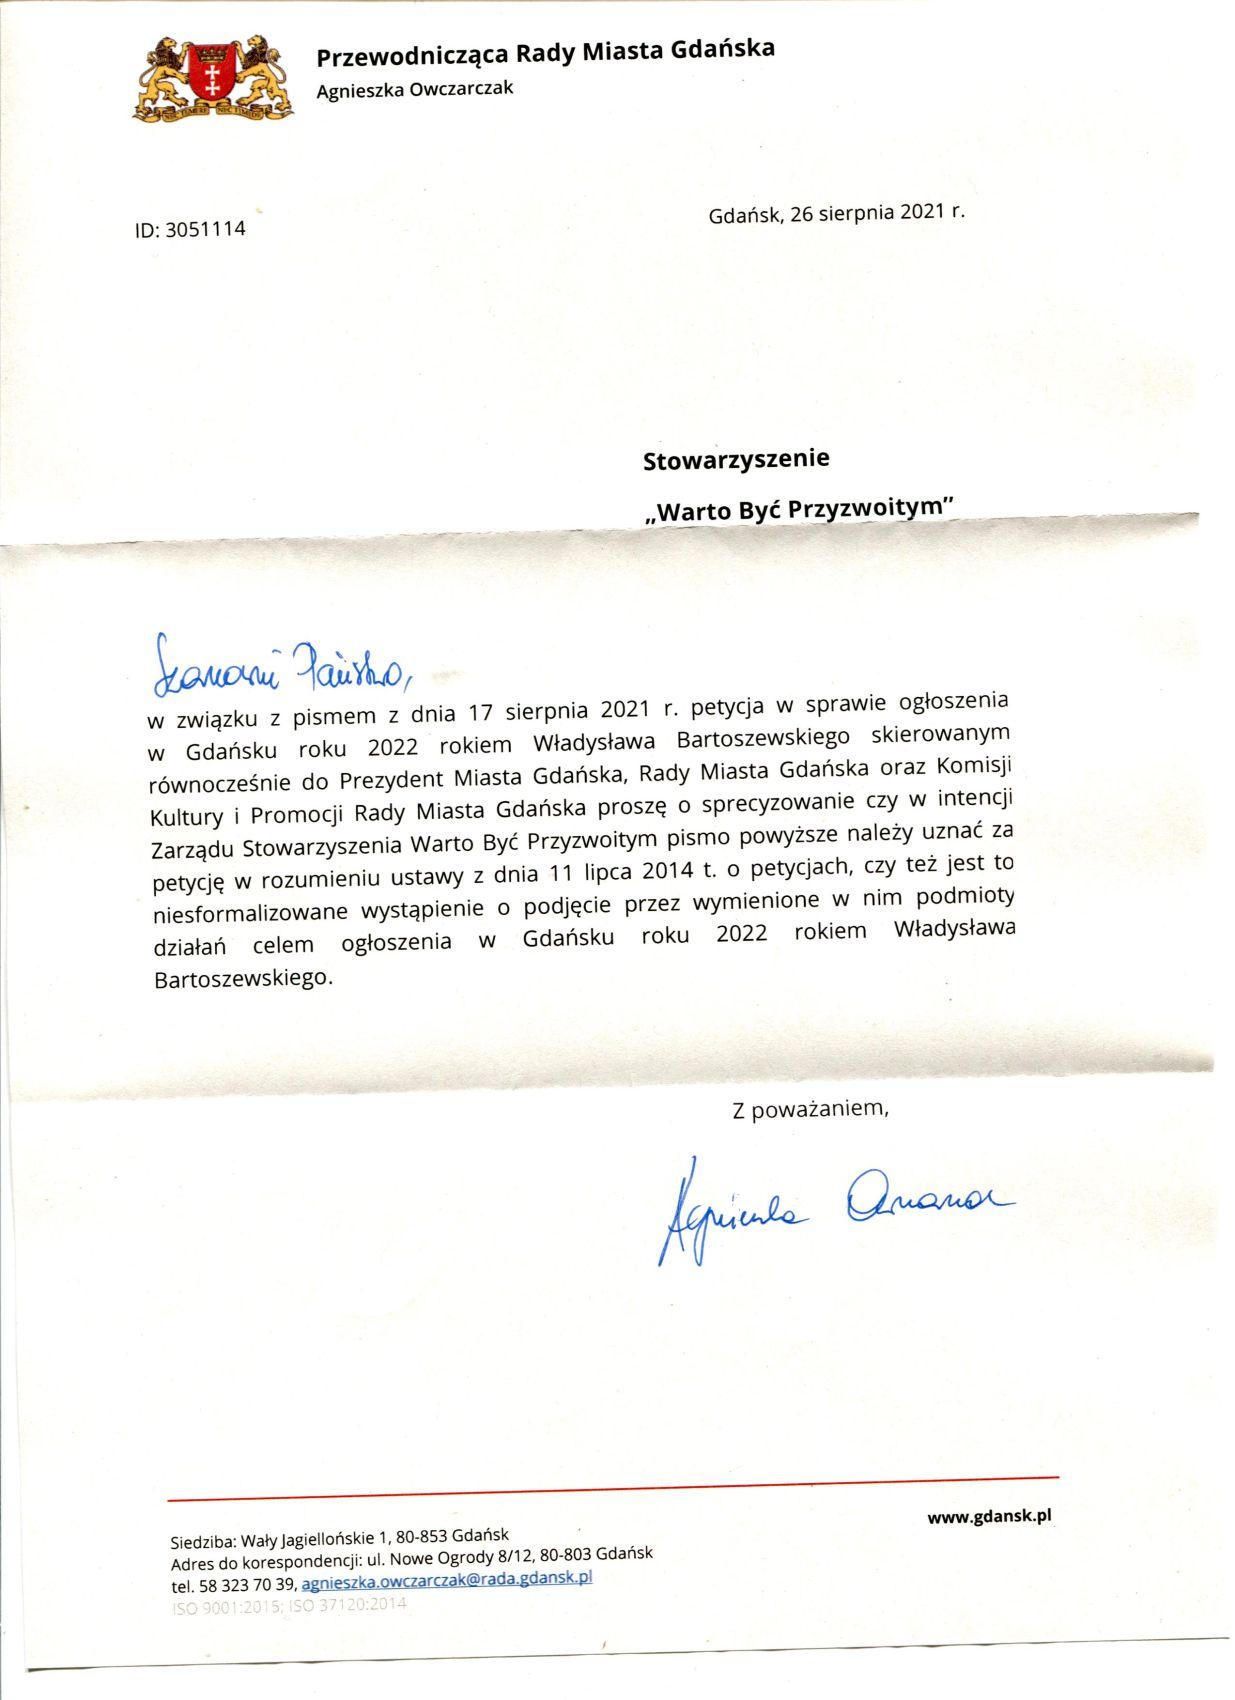 Pisma-otrzymane-31-sierpnia-2021-Biuro-Rady-Miasta-Gdanska